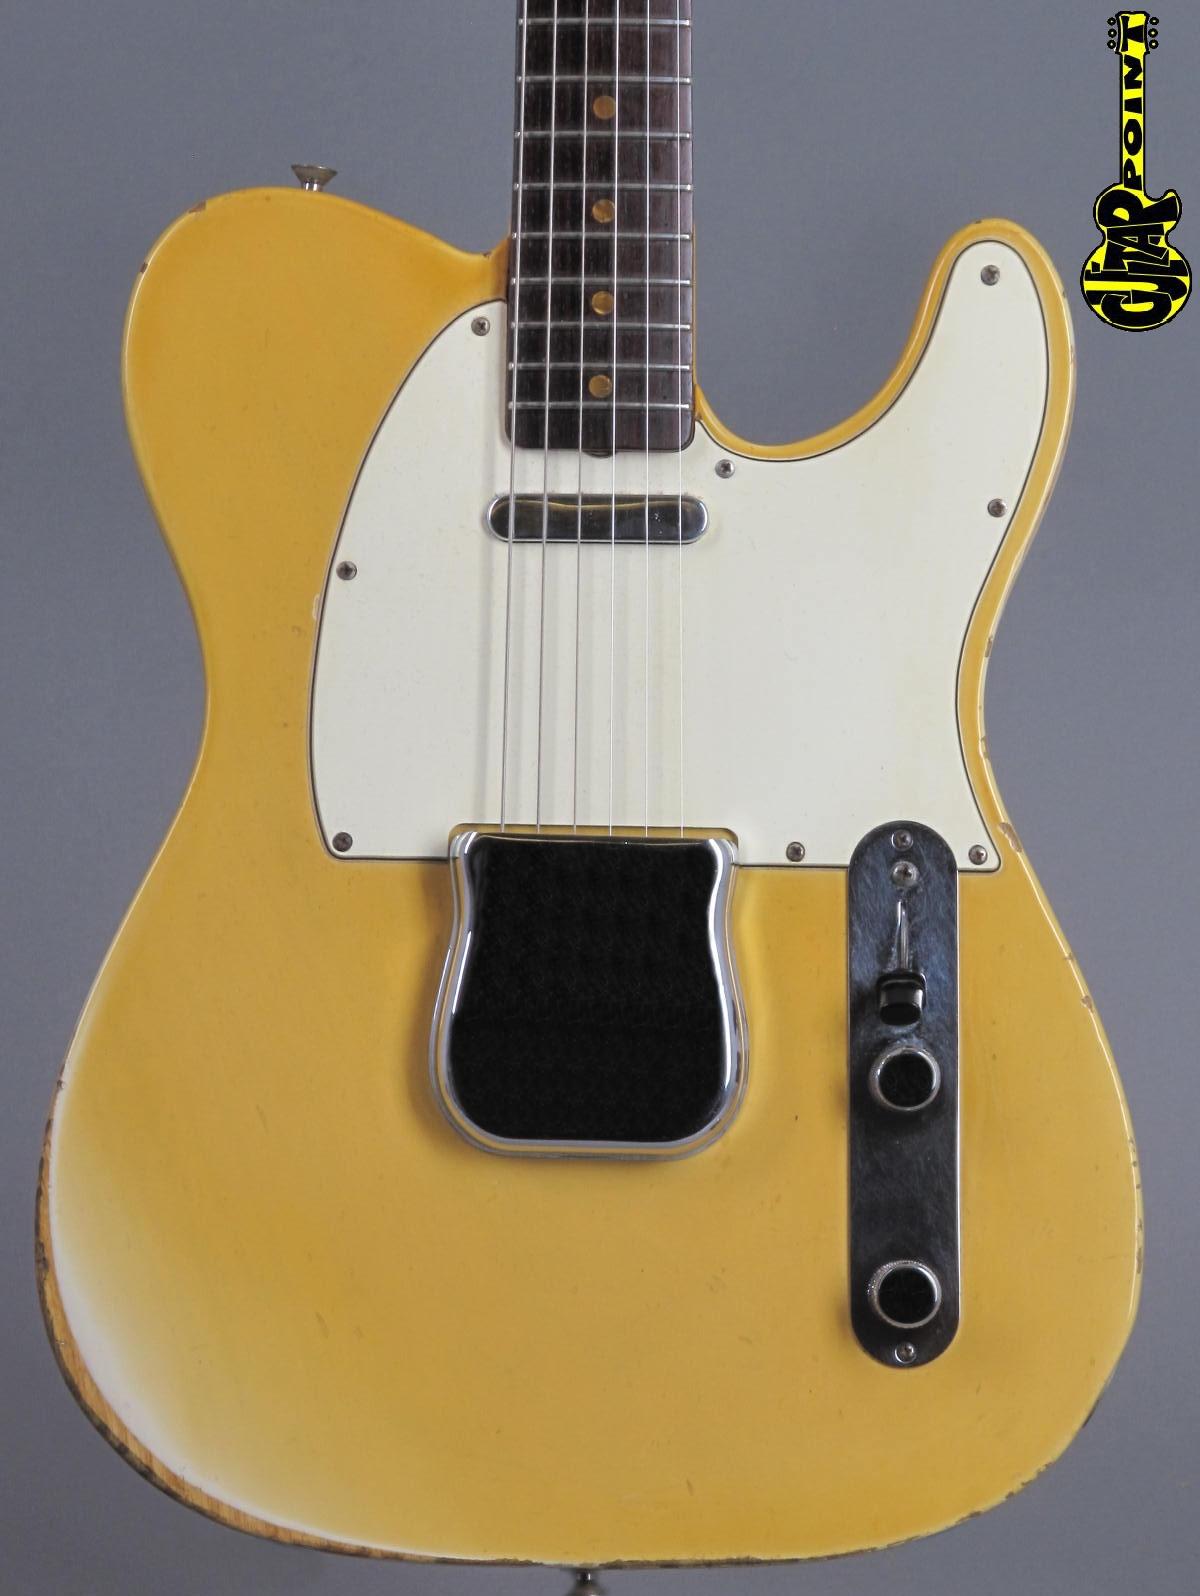 1967 Fender Telecaster - Blond